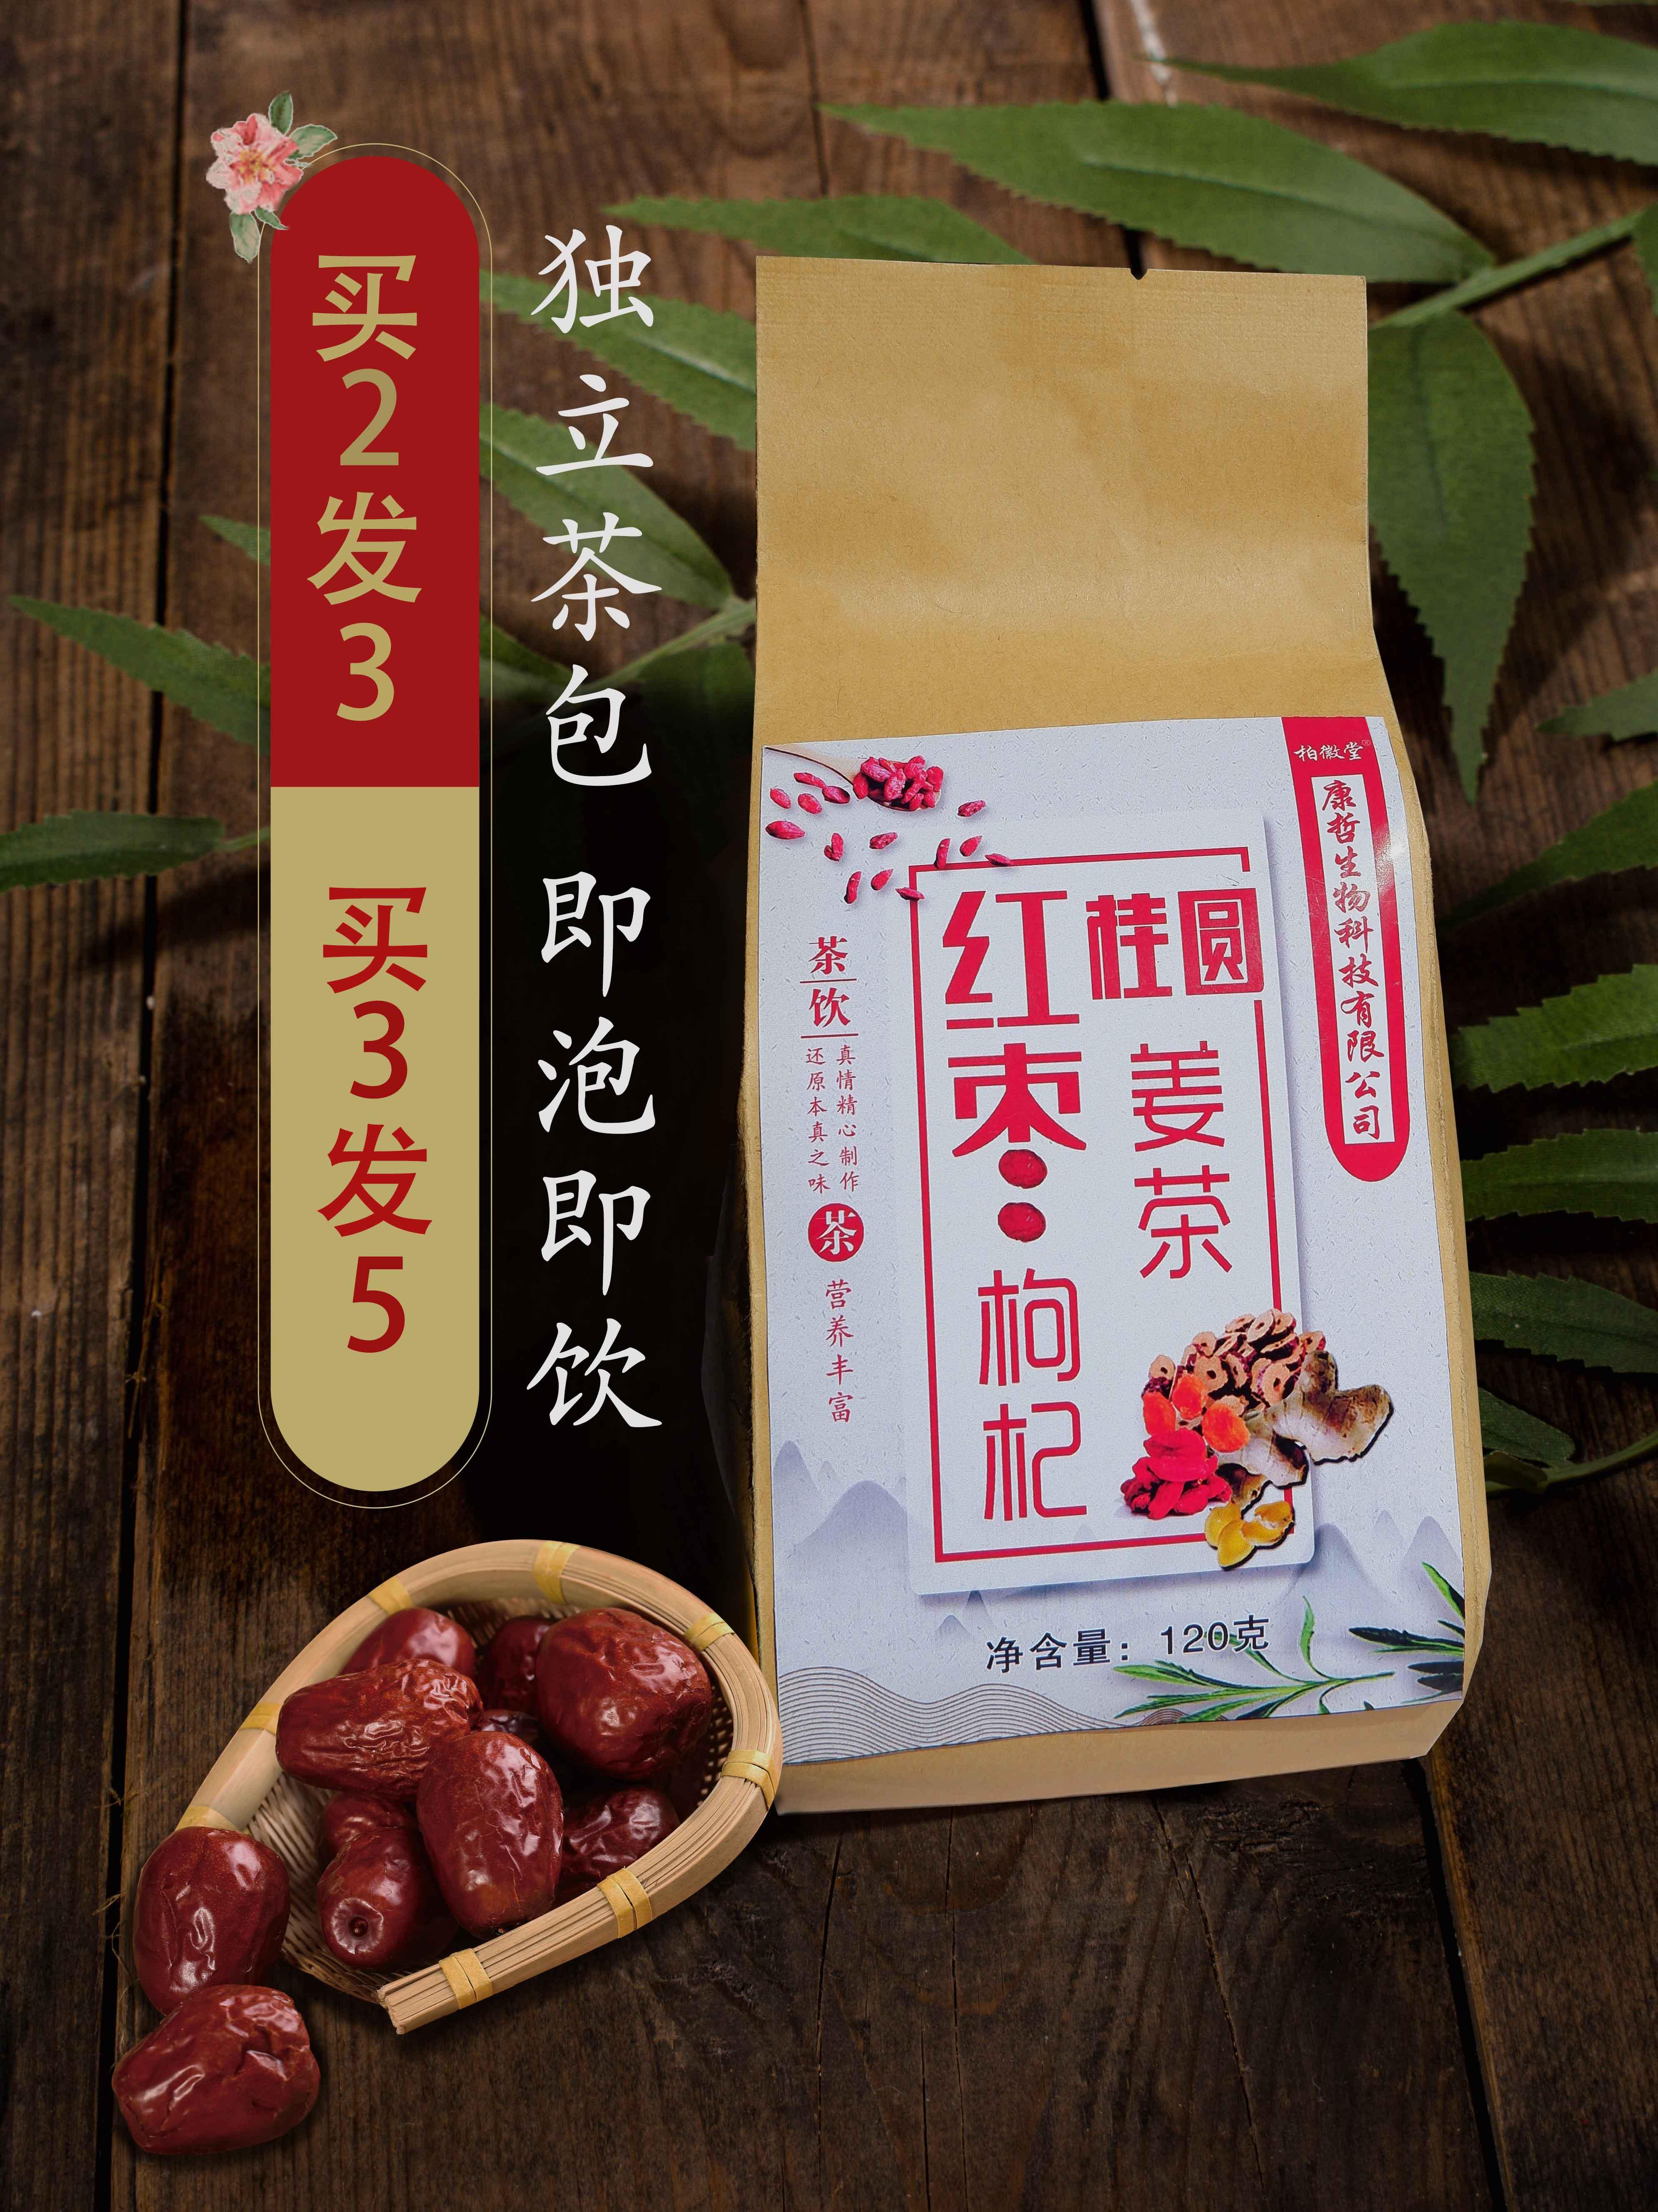 送杯子】30小包红枣桂圆枸杞茶叶组合型花草茶泡水玫瑰水果姜茶女